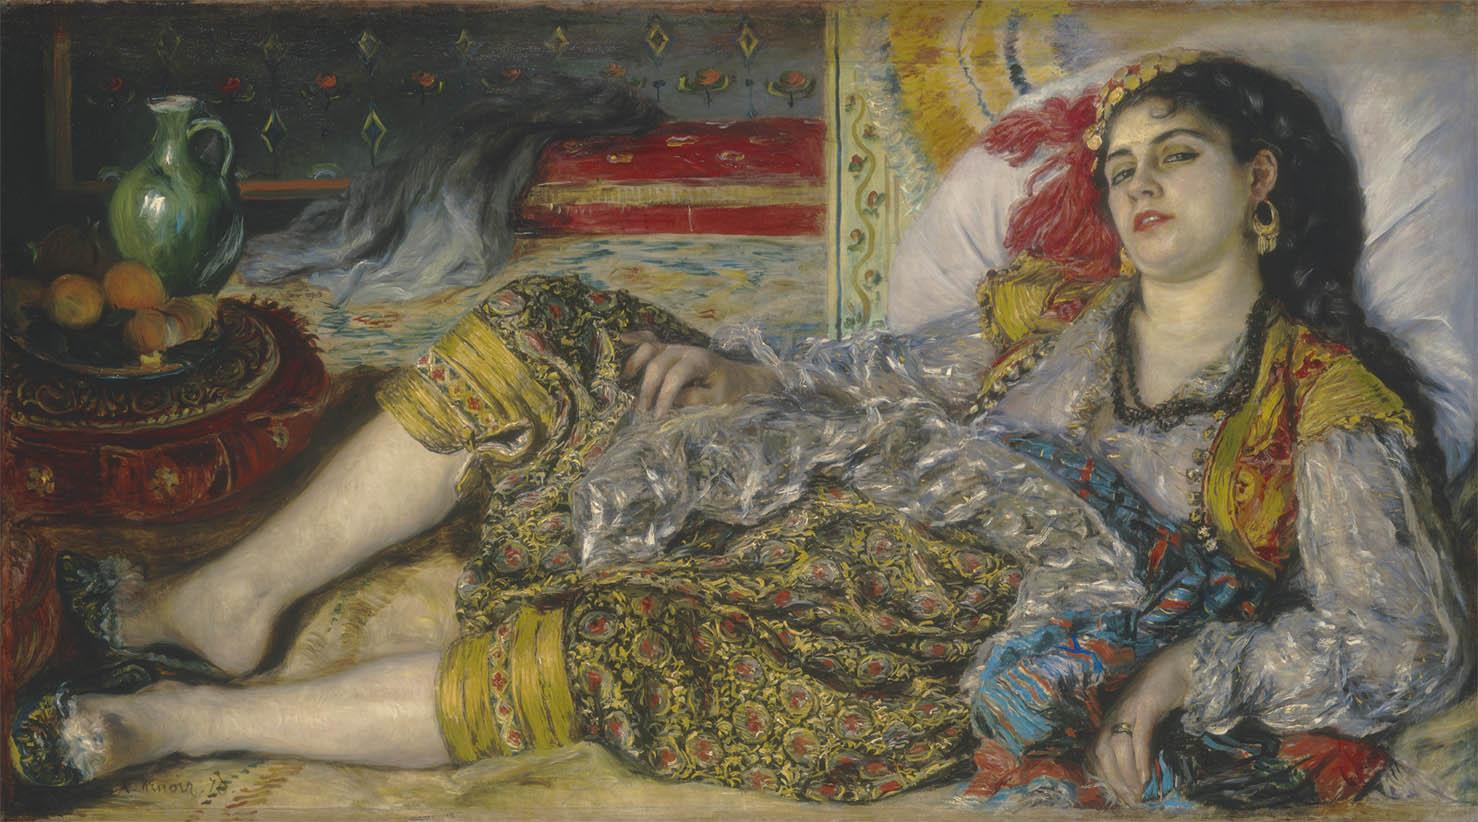 L'odalisque (1870)